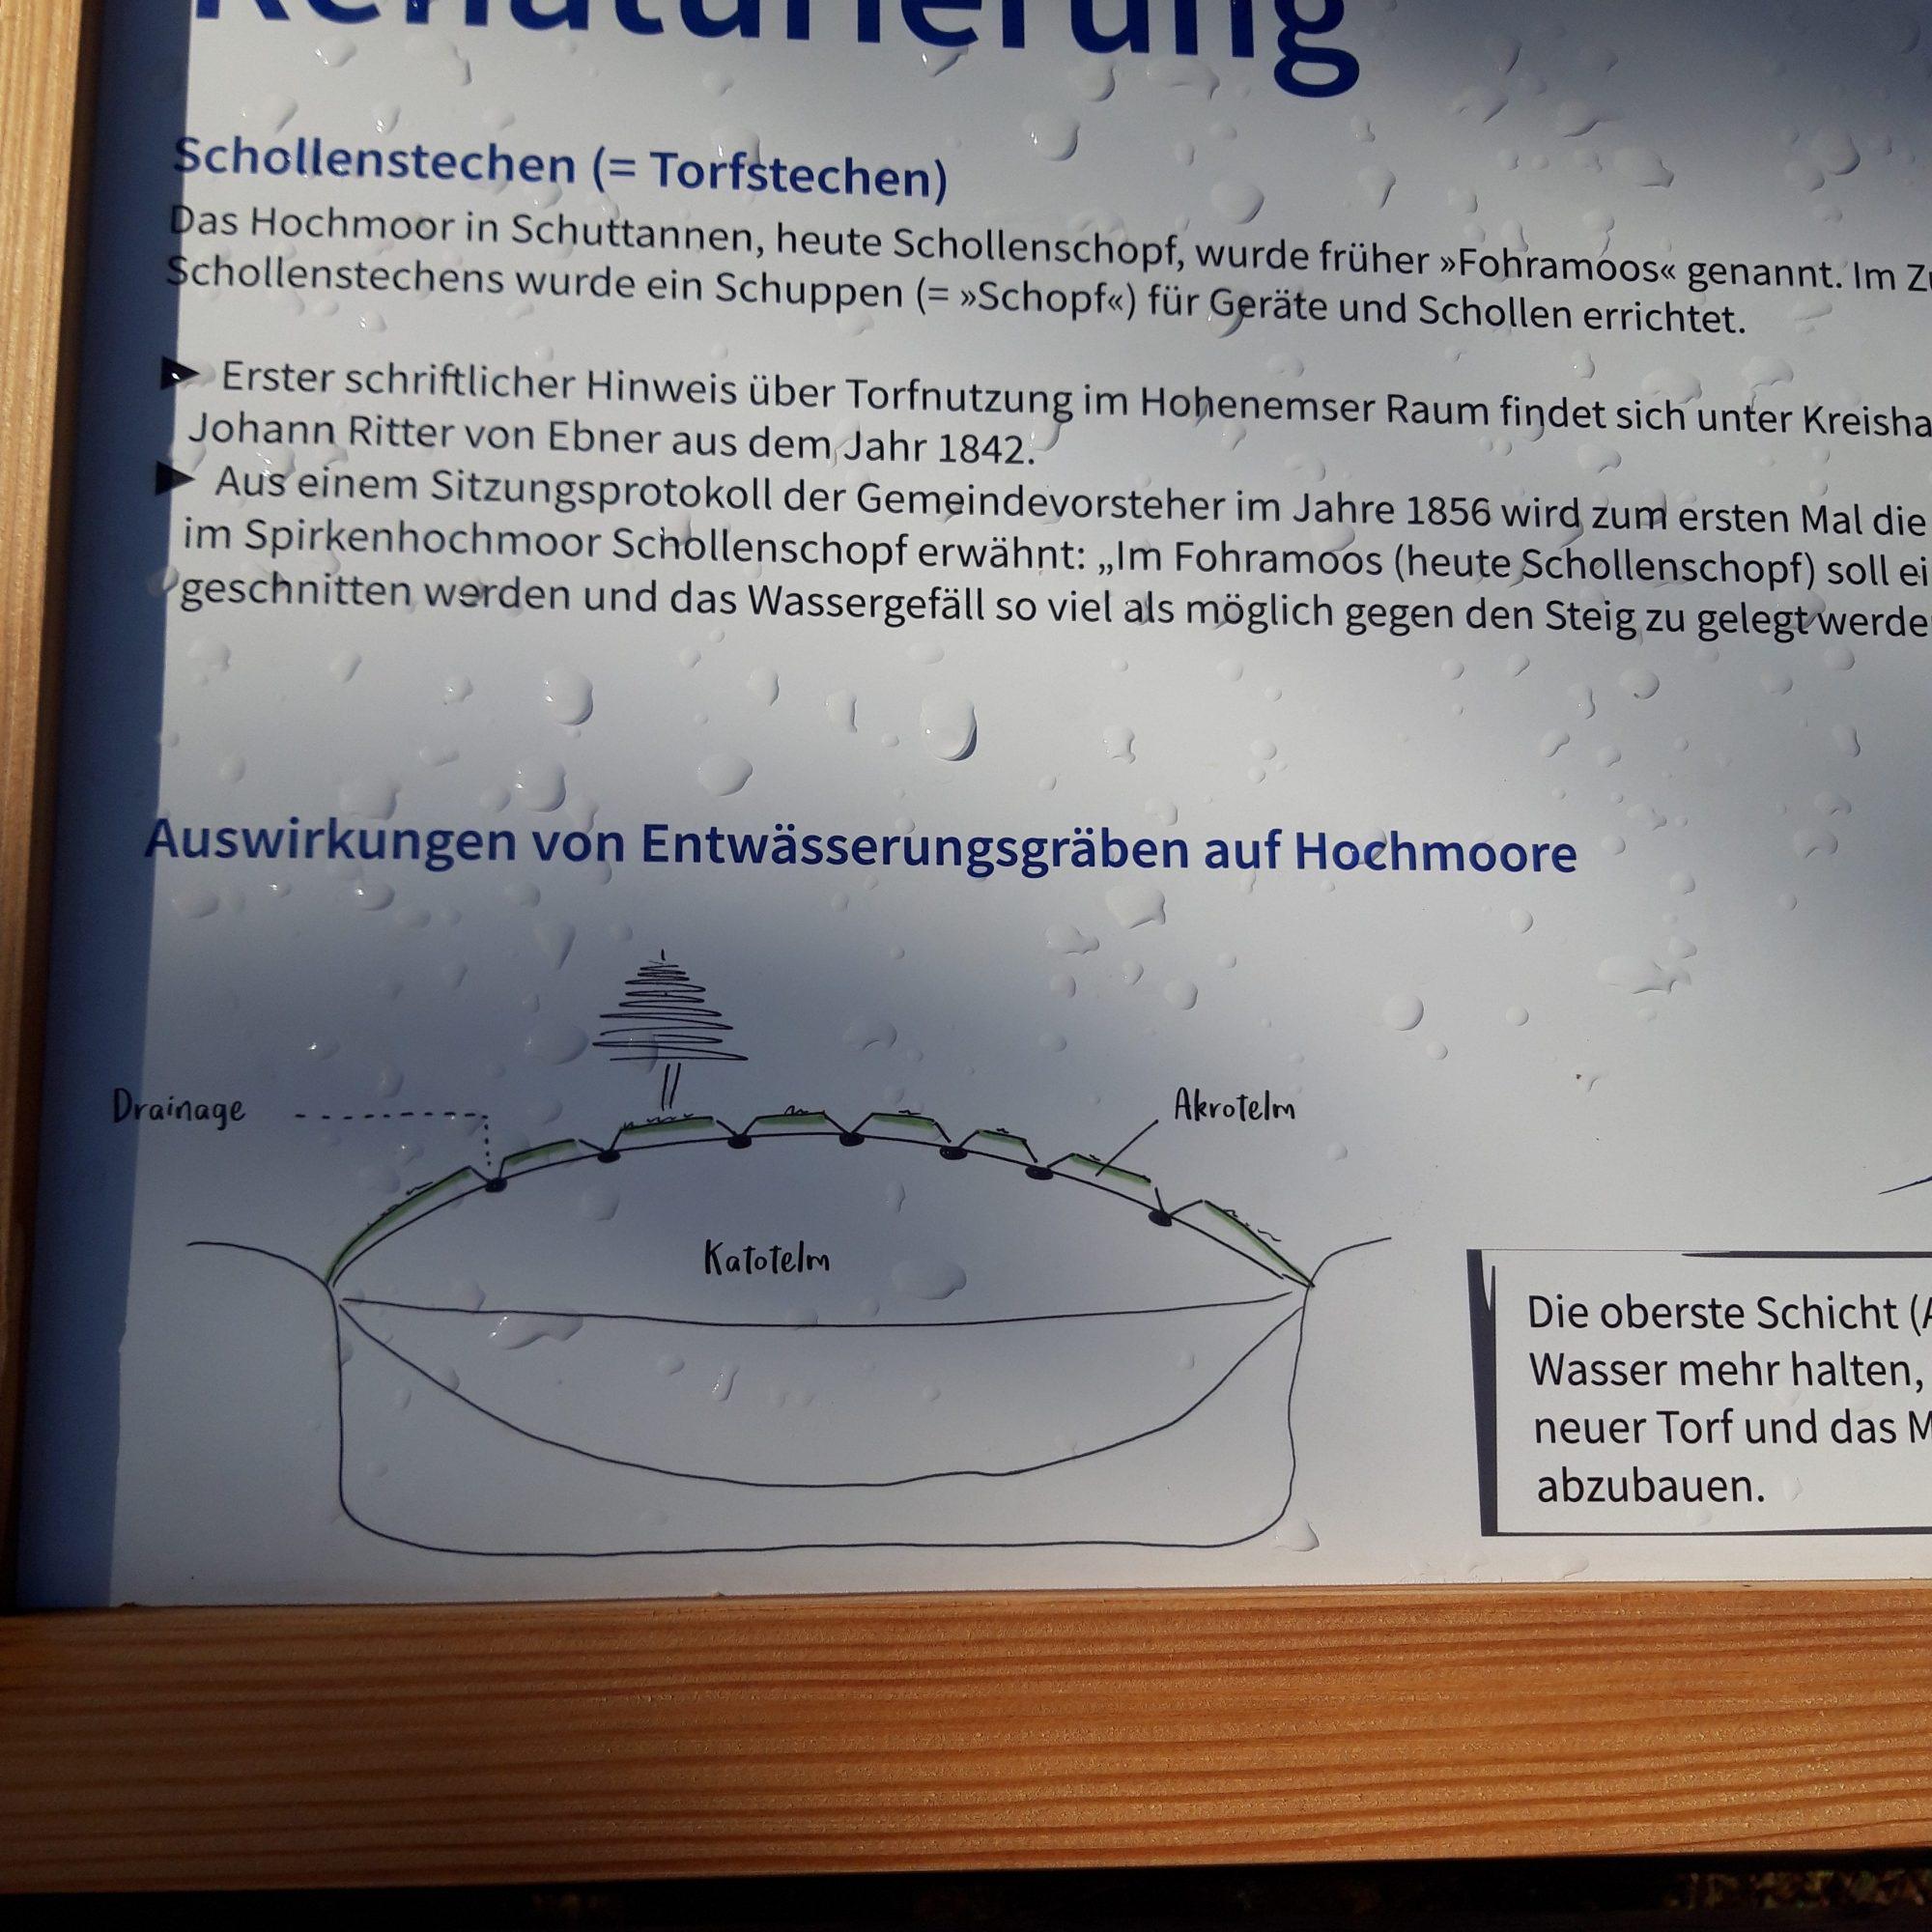 Hochmoor Schollaschopf Hohenems Schuttanen